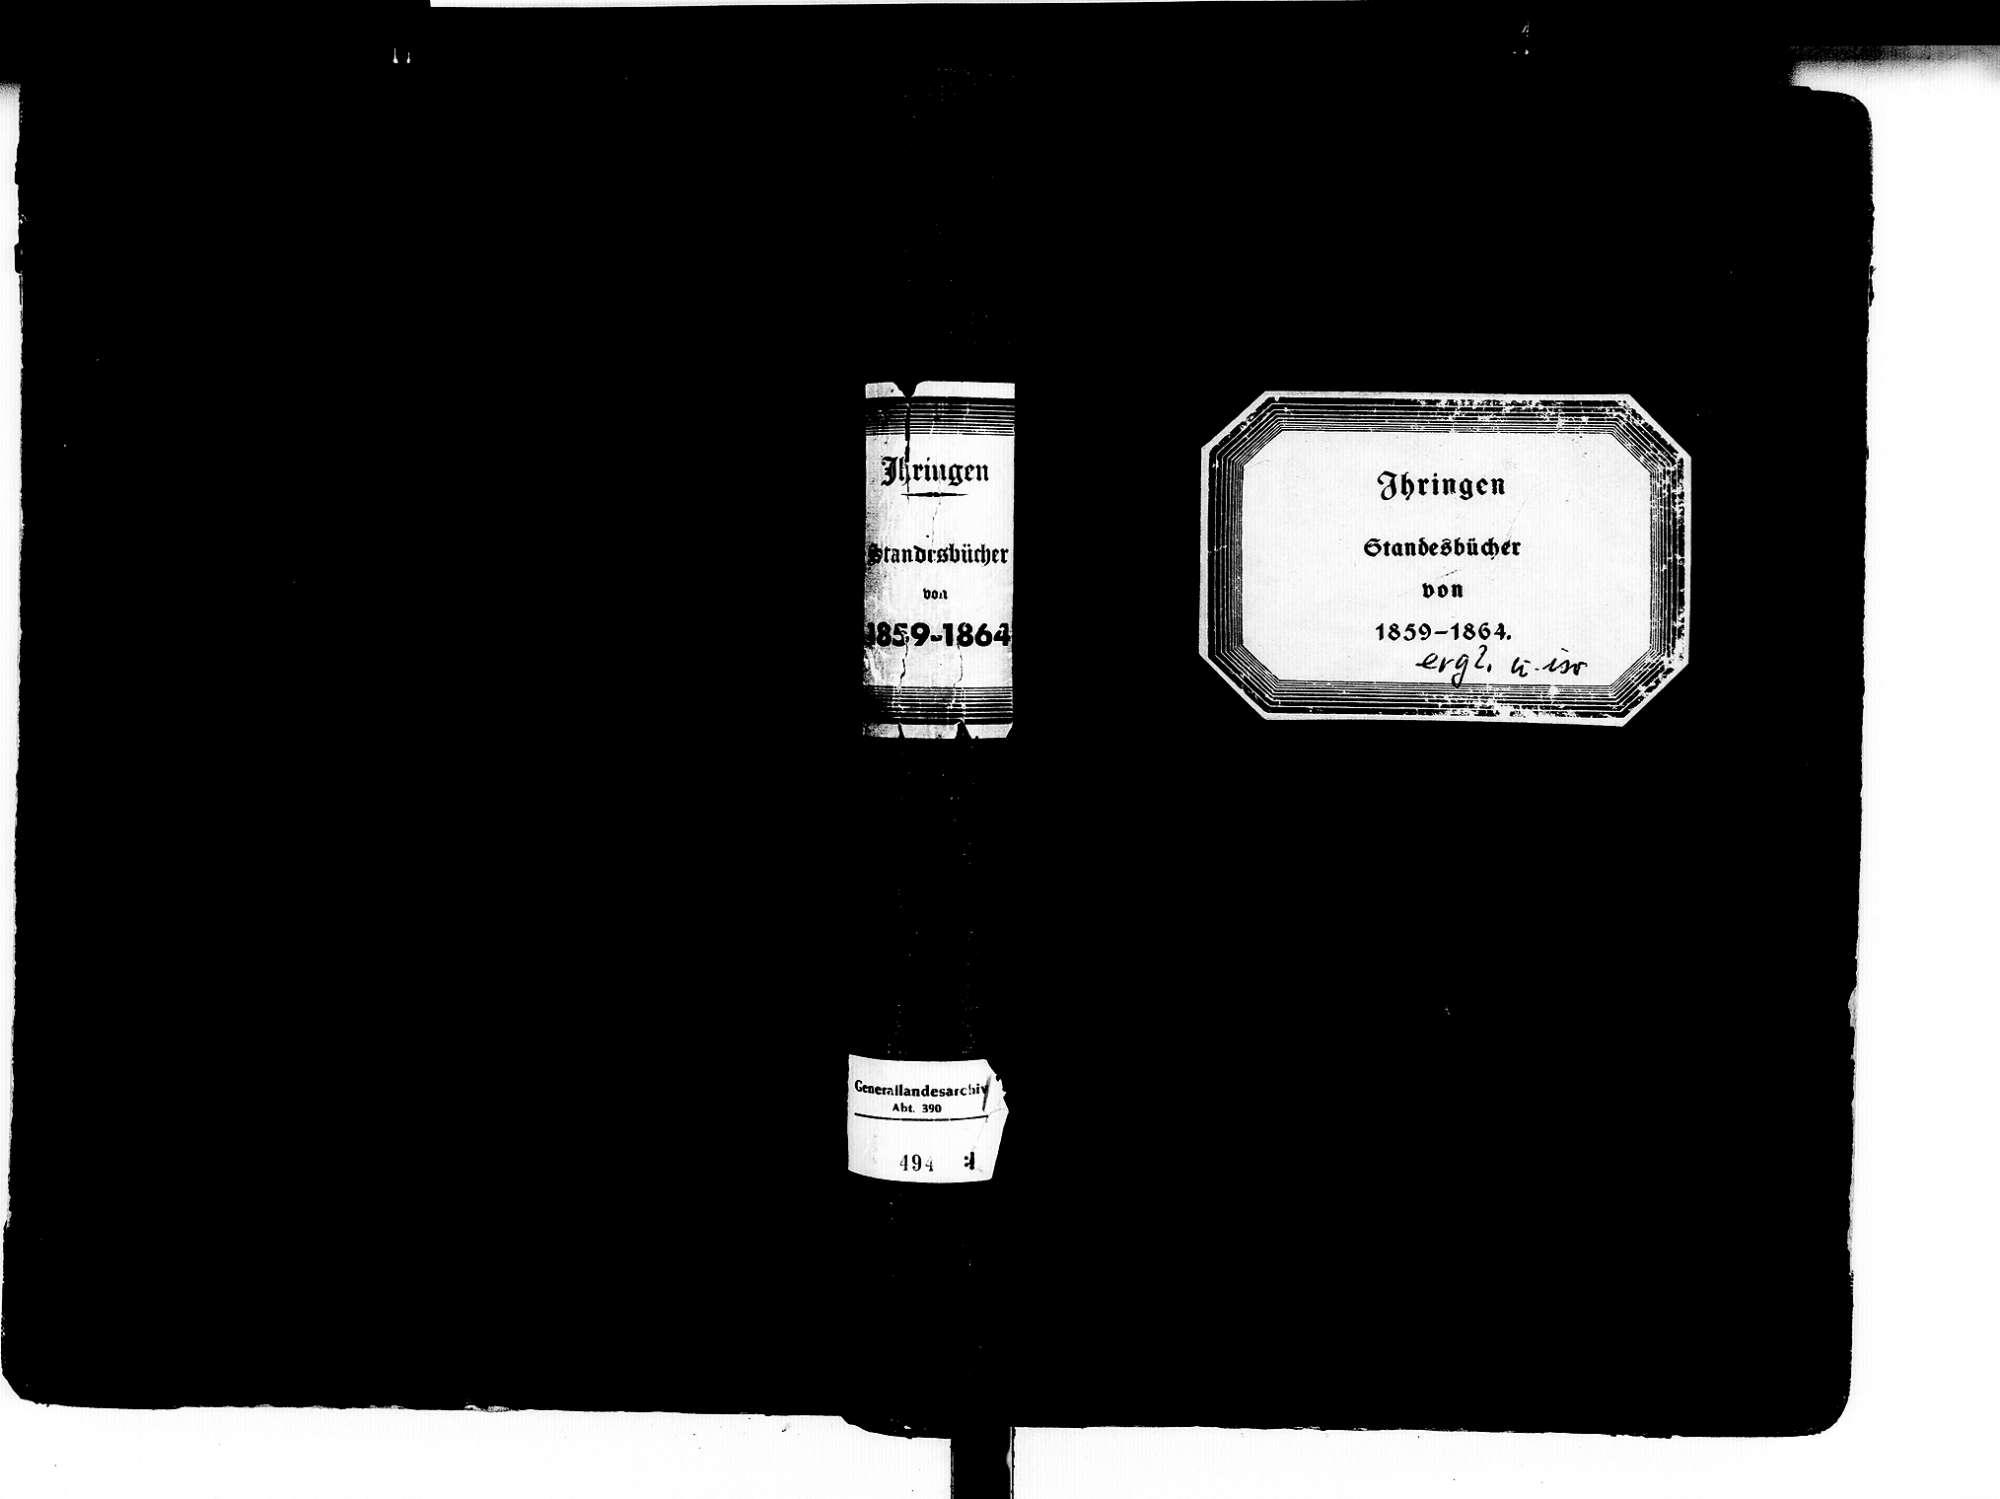 Ihringen FR; Evangelische Gemeinde: Standesbuch 1859-1864 Ihringen FR; Israelitische Gemeinde: Standesbuch 1859-1864, Bild 1